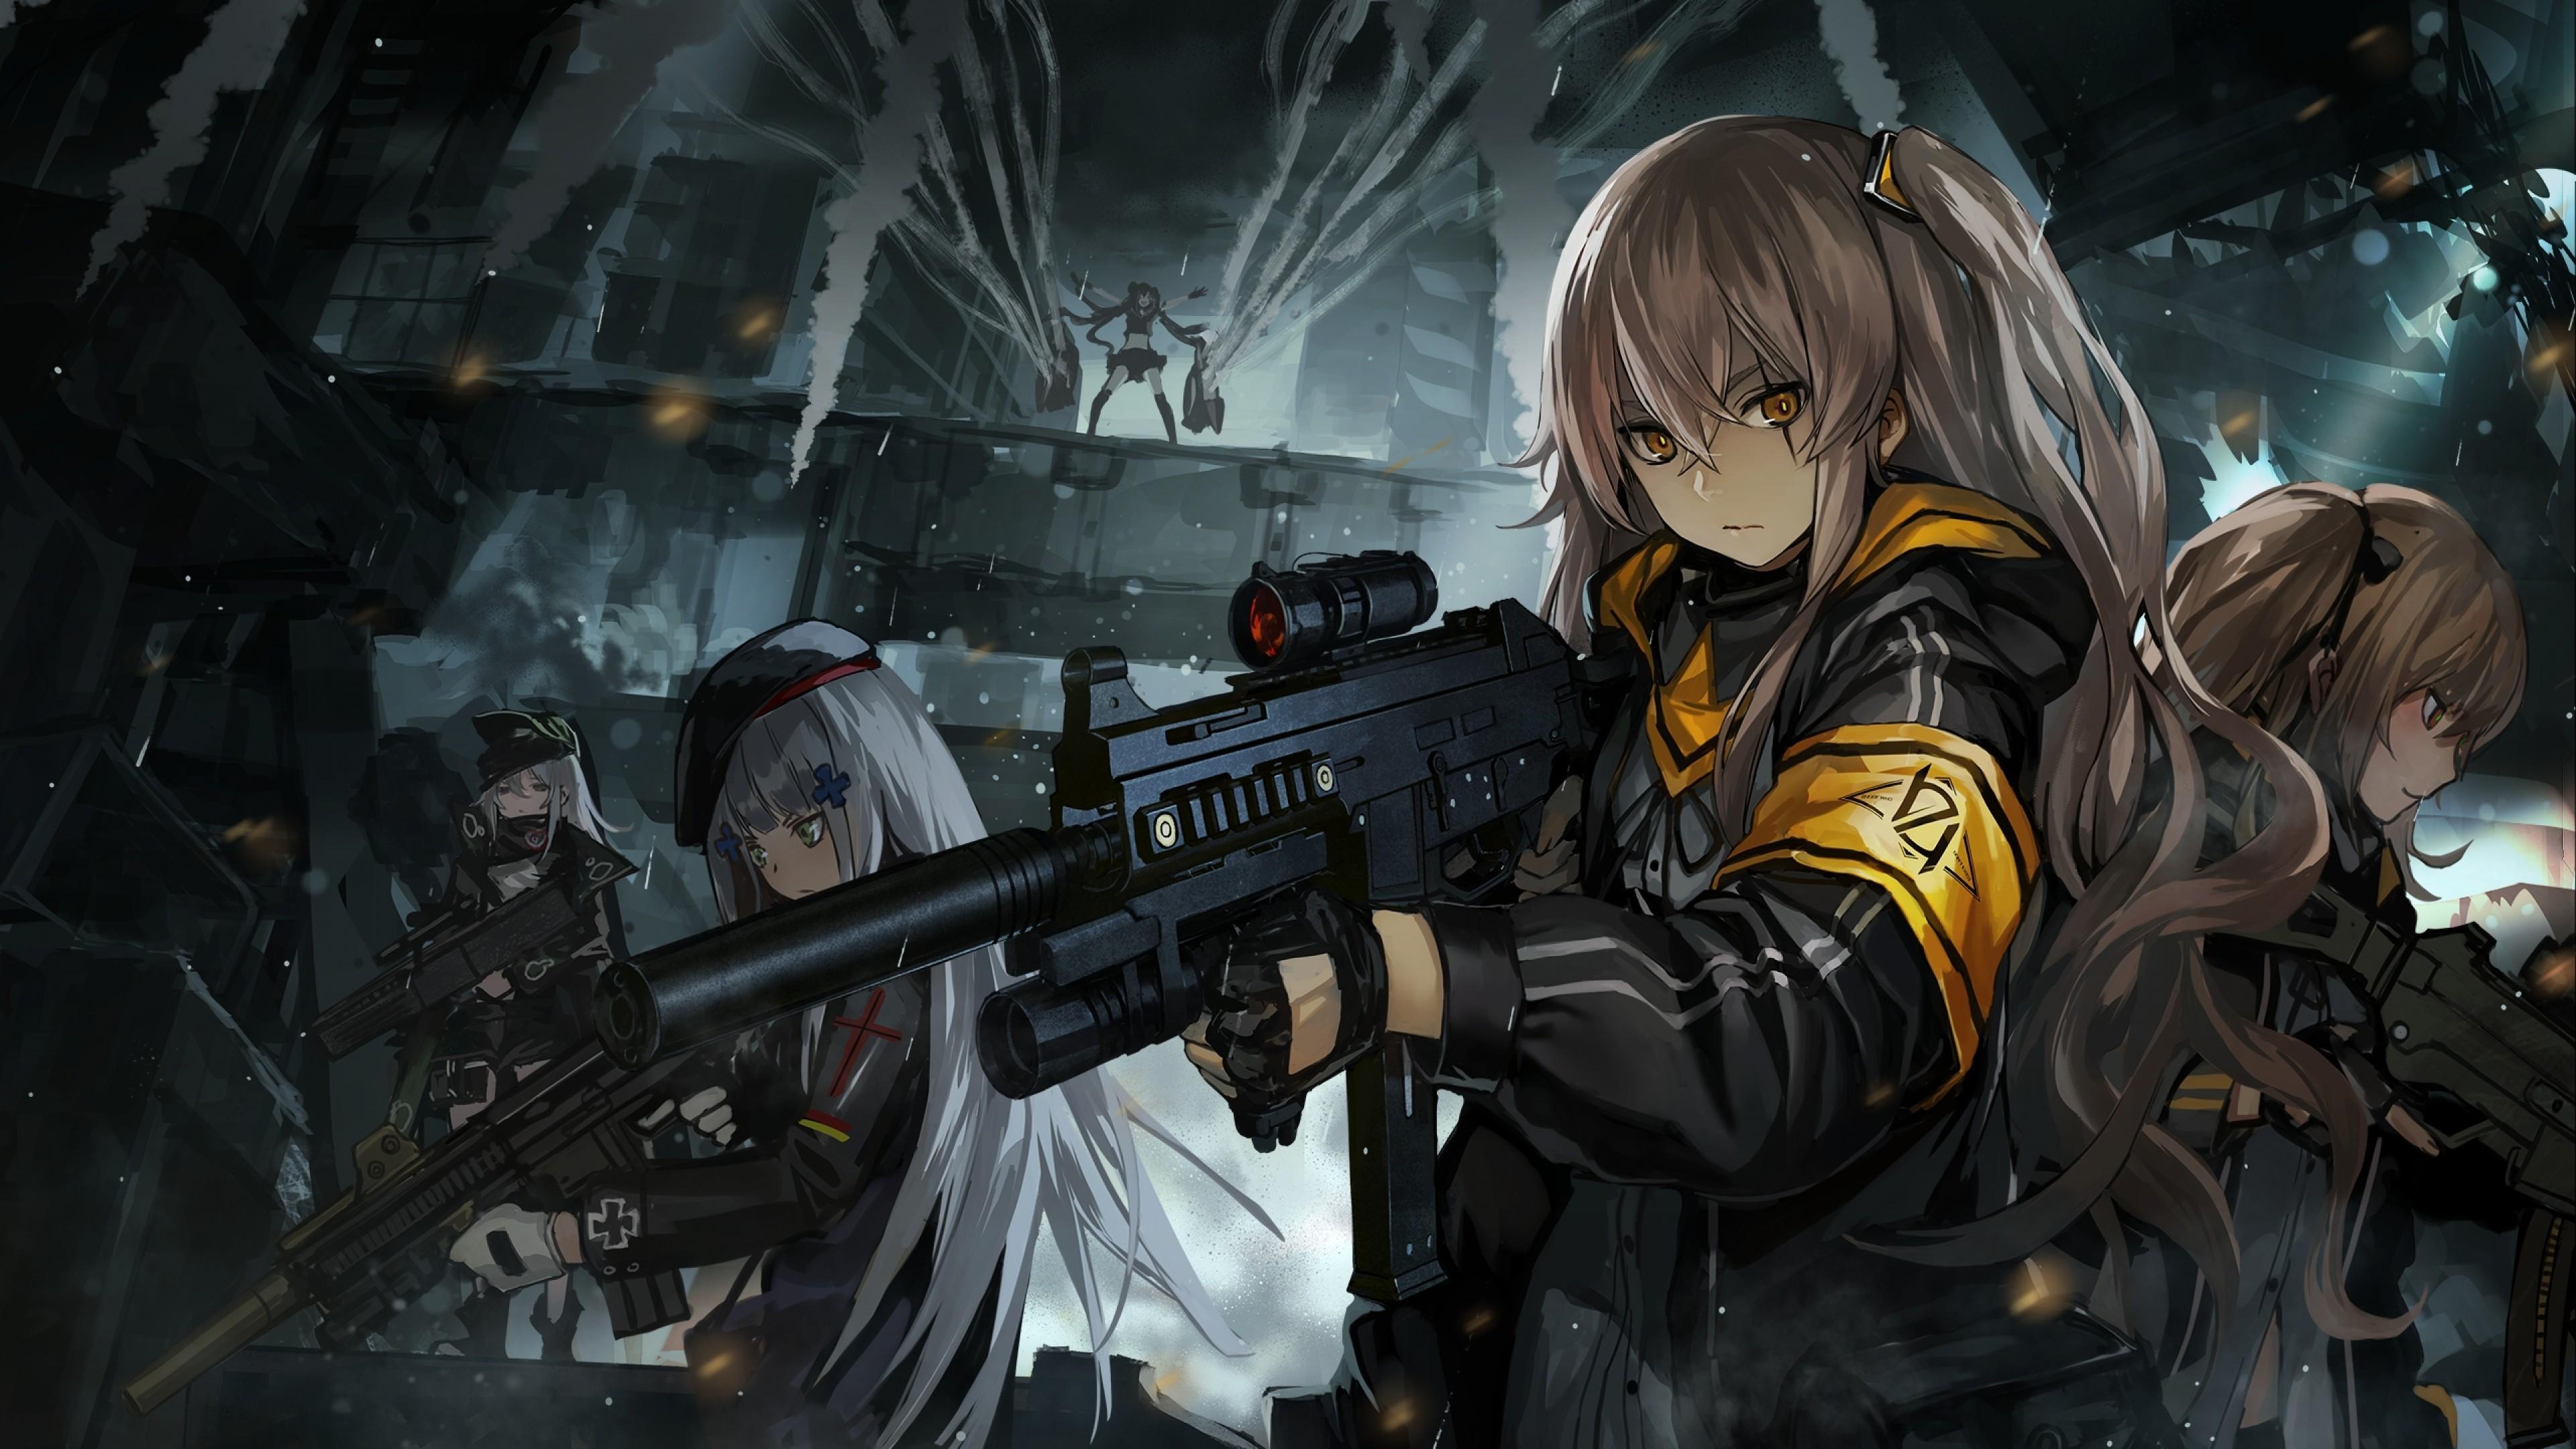 游戏壁纸,手游世界,武装少女